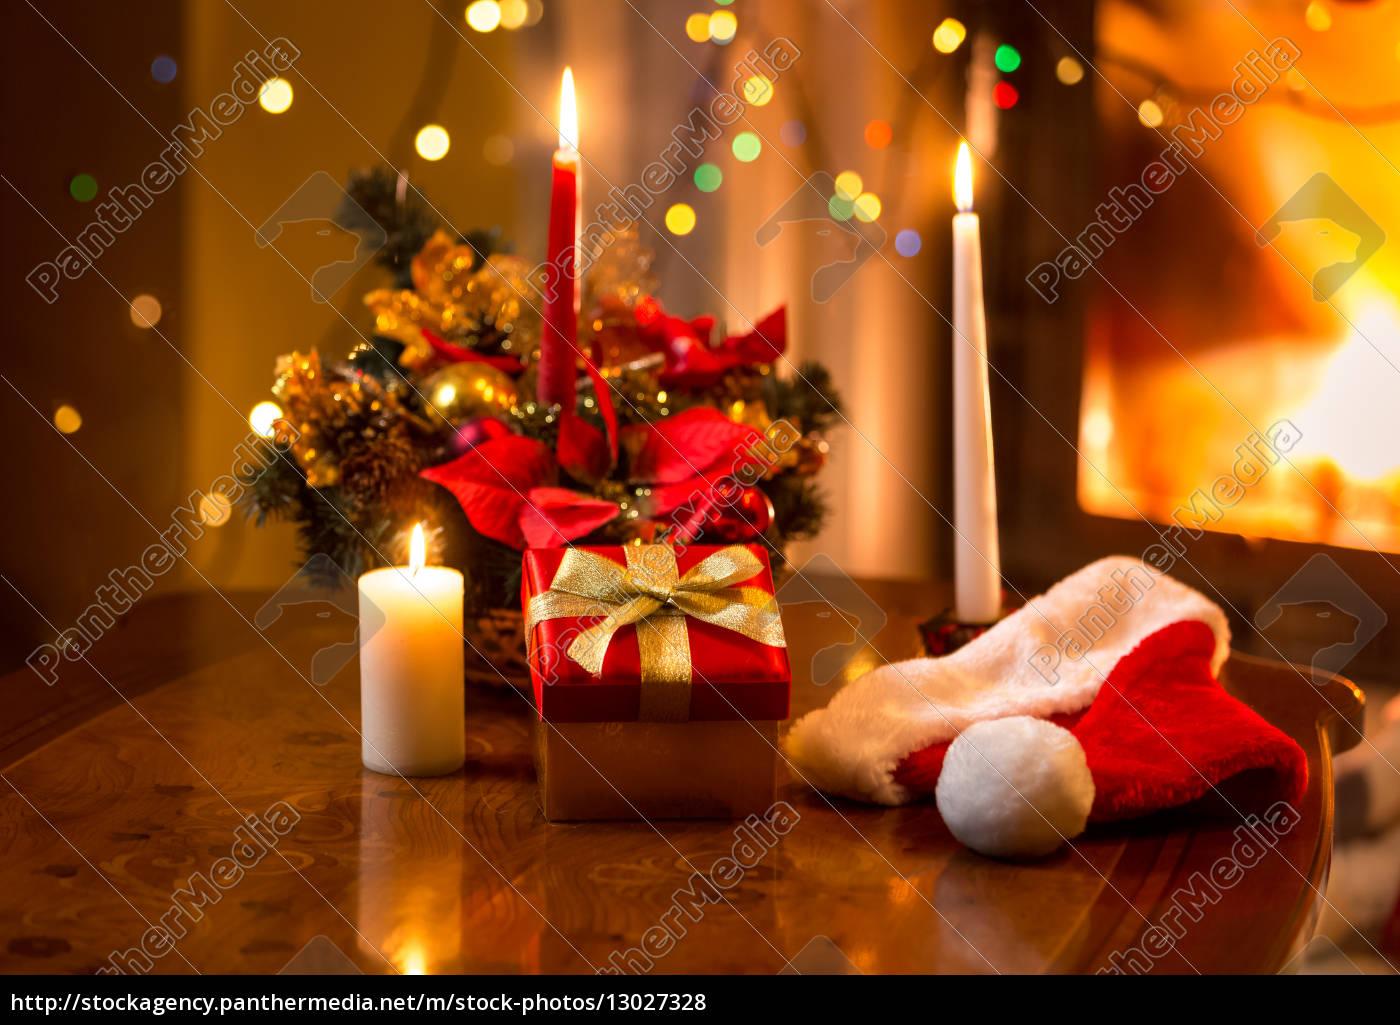 Kerzen Weihnachten.Lizenzfreies Foto 13027328 Weihnachten Foto Von Brennenden Kerzen Mit Geschenkbox Gegen